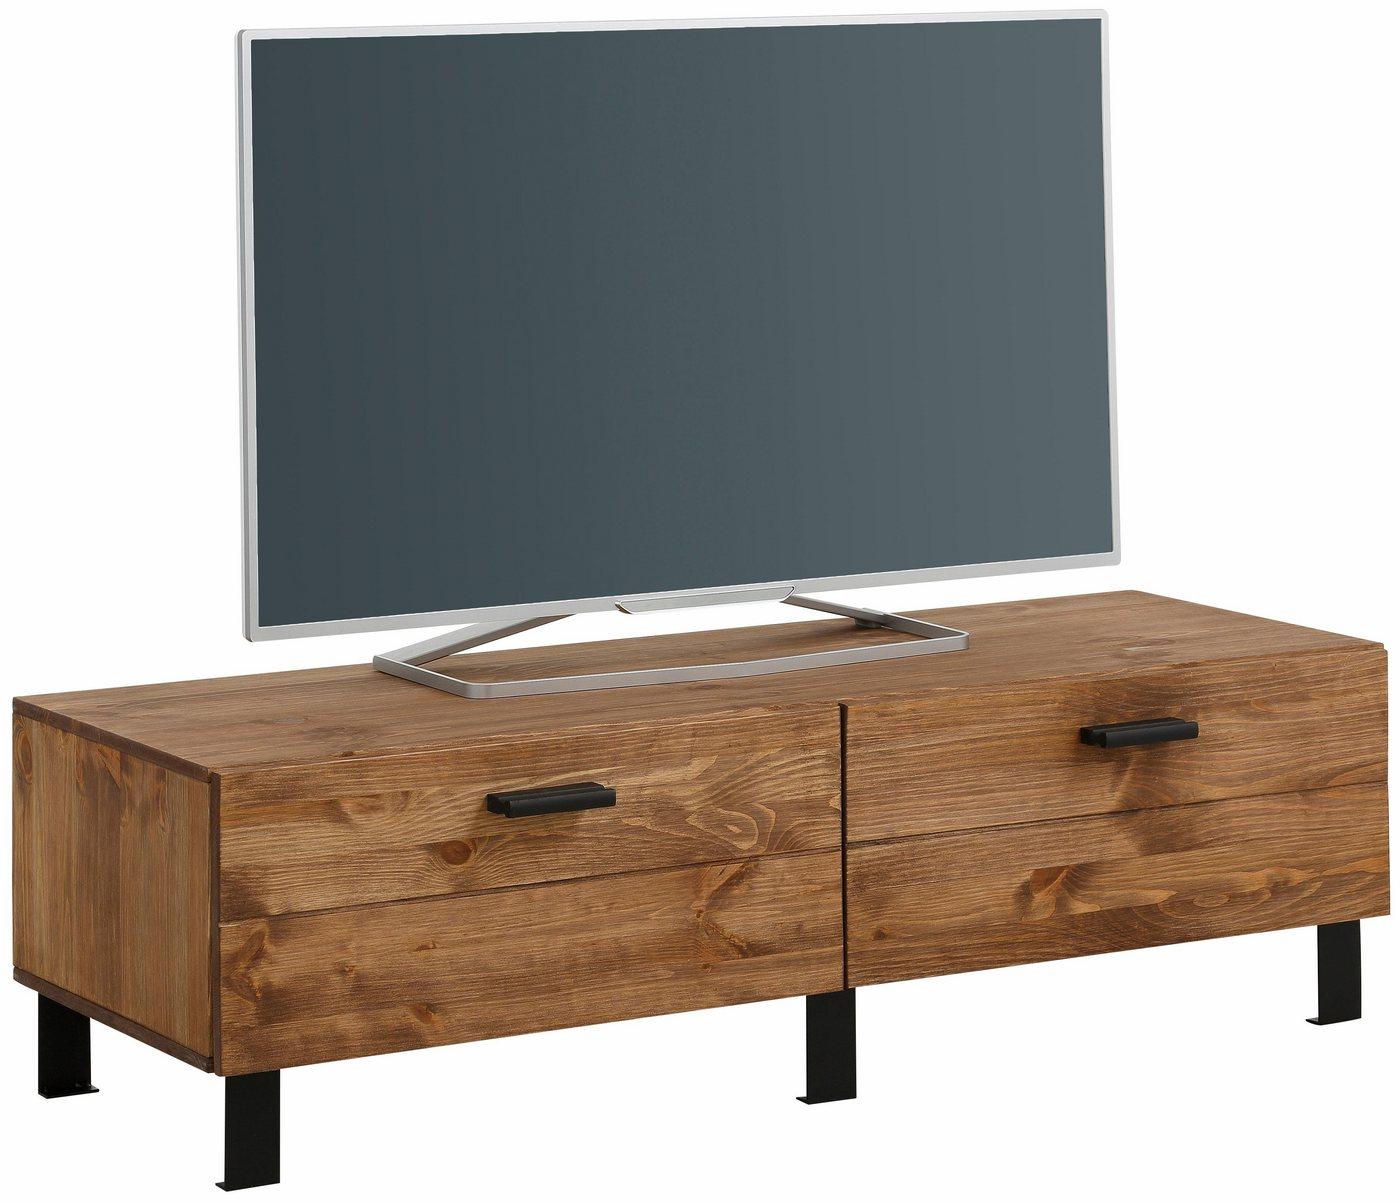 anzug reinigung preis preisvergleiche. Black Bedroom Furniture Sets. Home Design Ideas